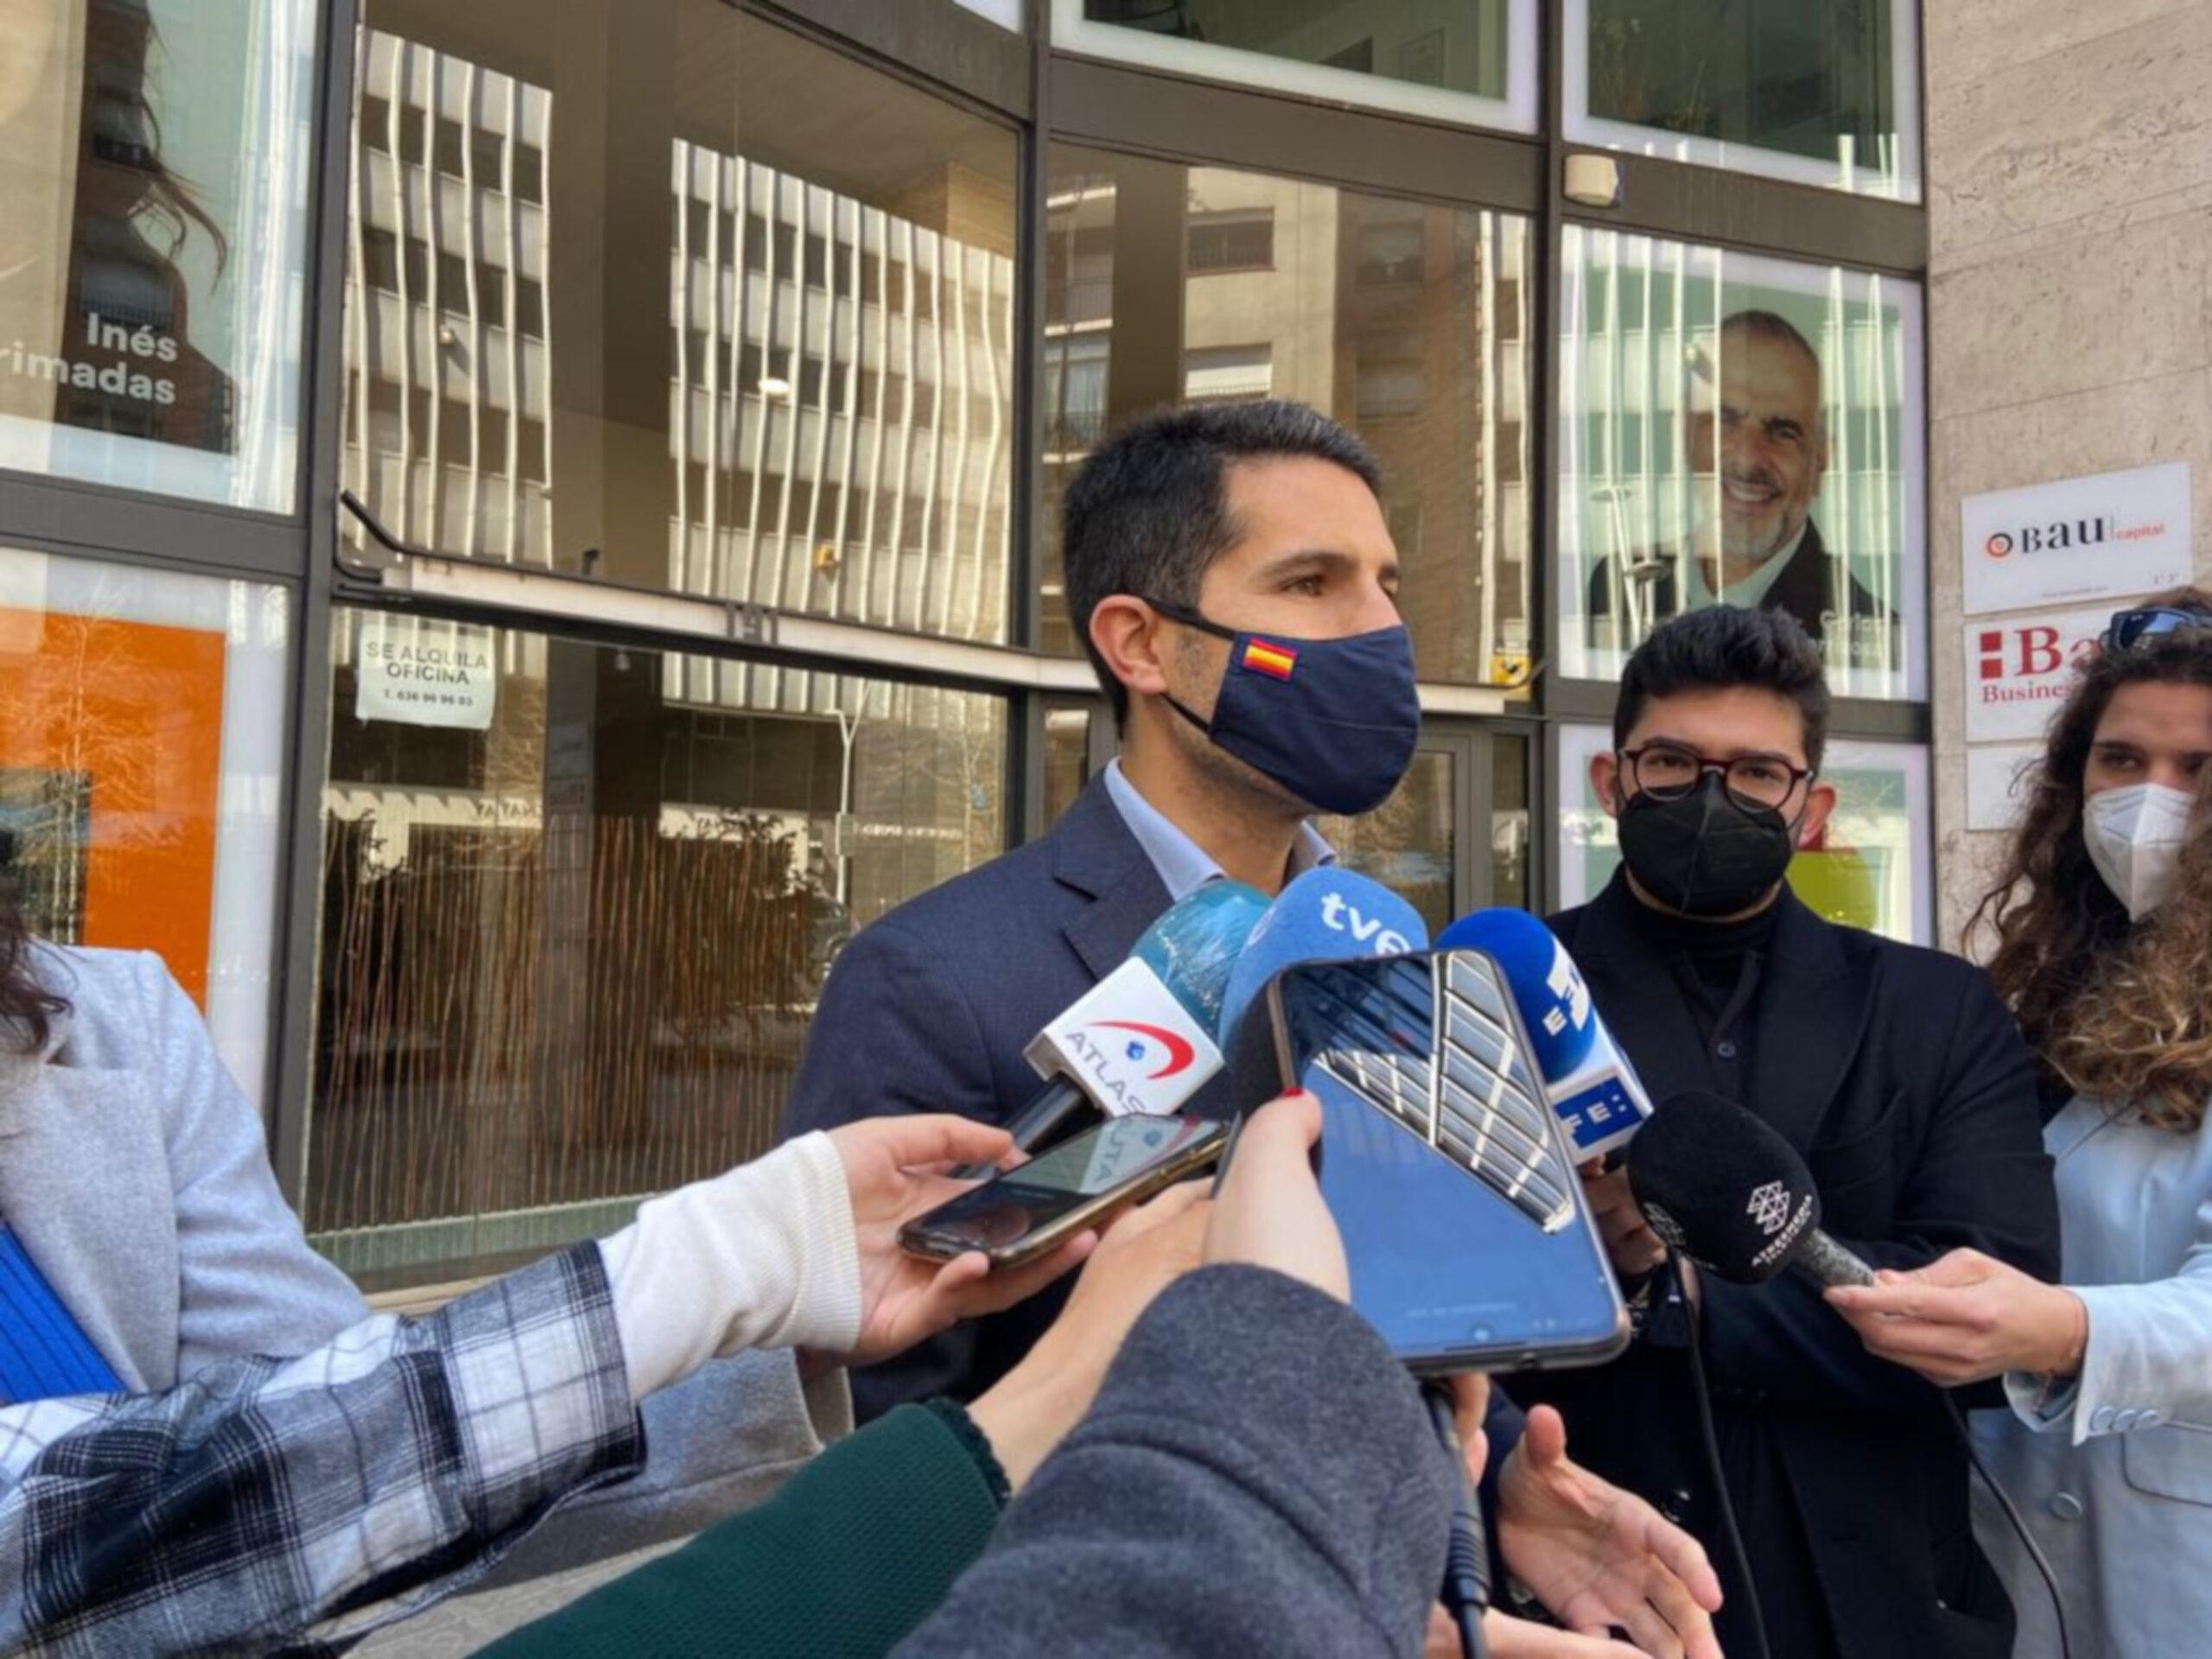 El portaveu del grup parlamentari de Cs, Nacho Martín Blanco | ACN